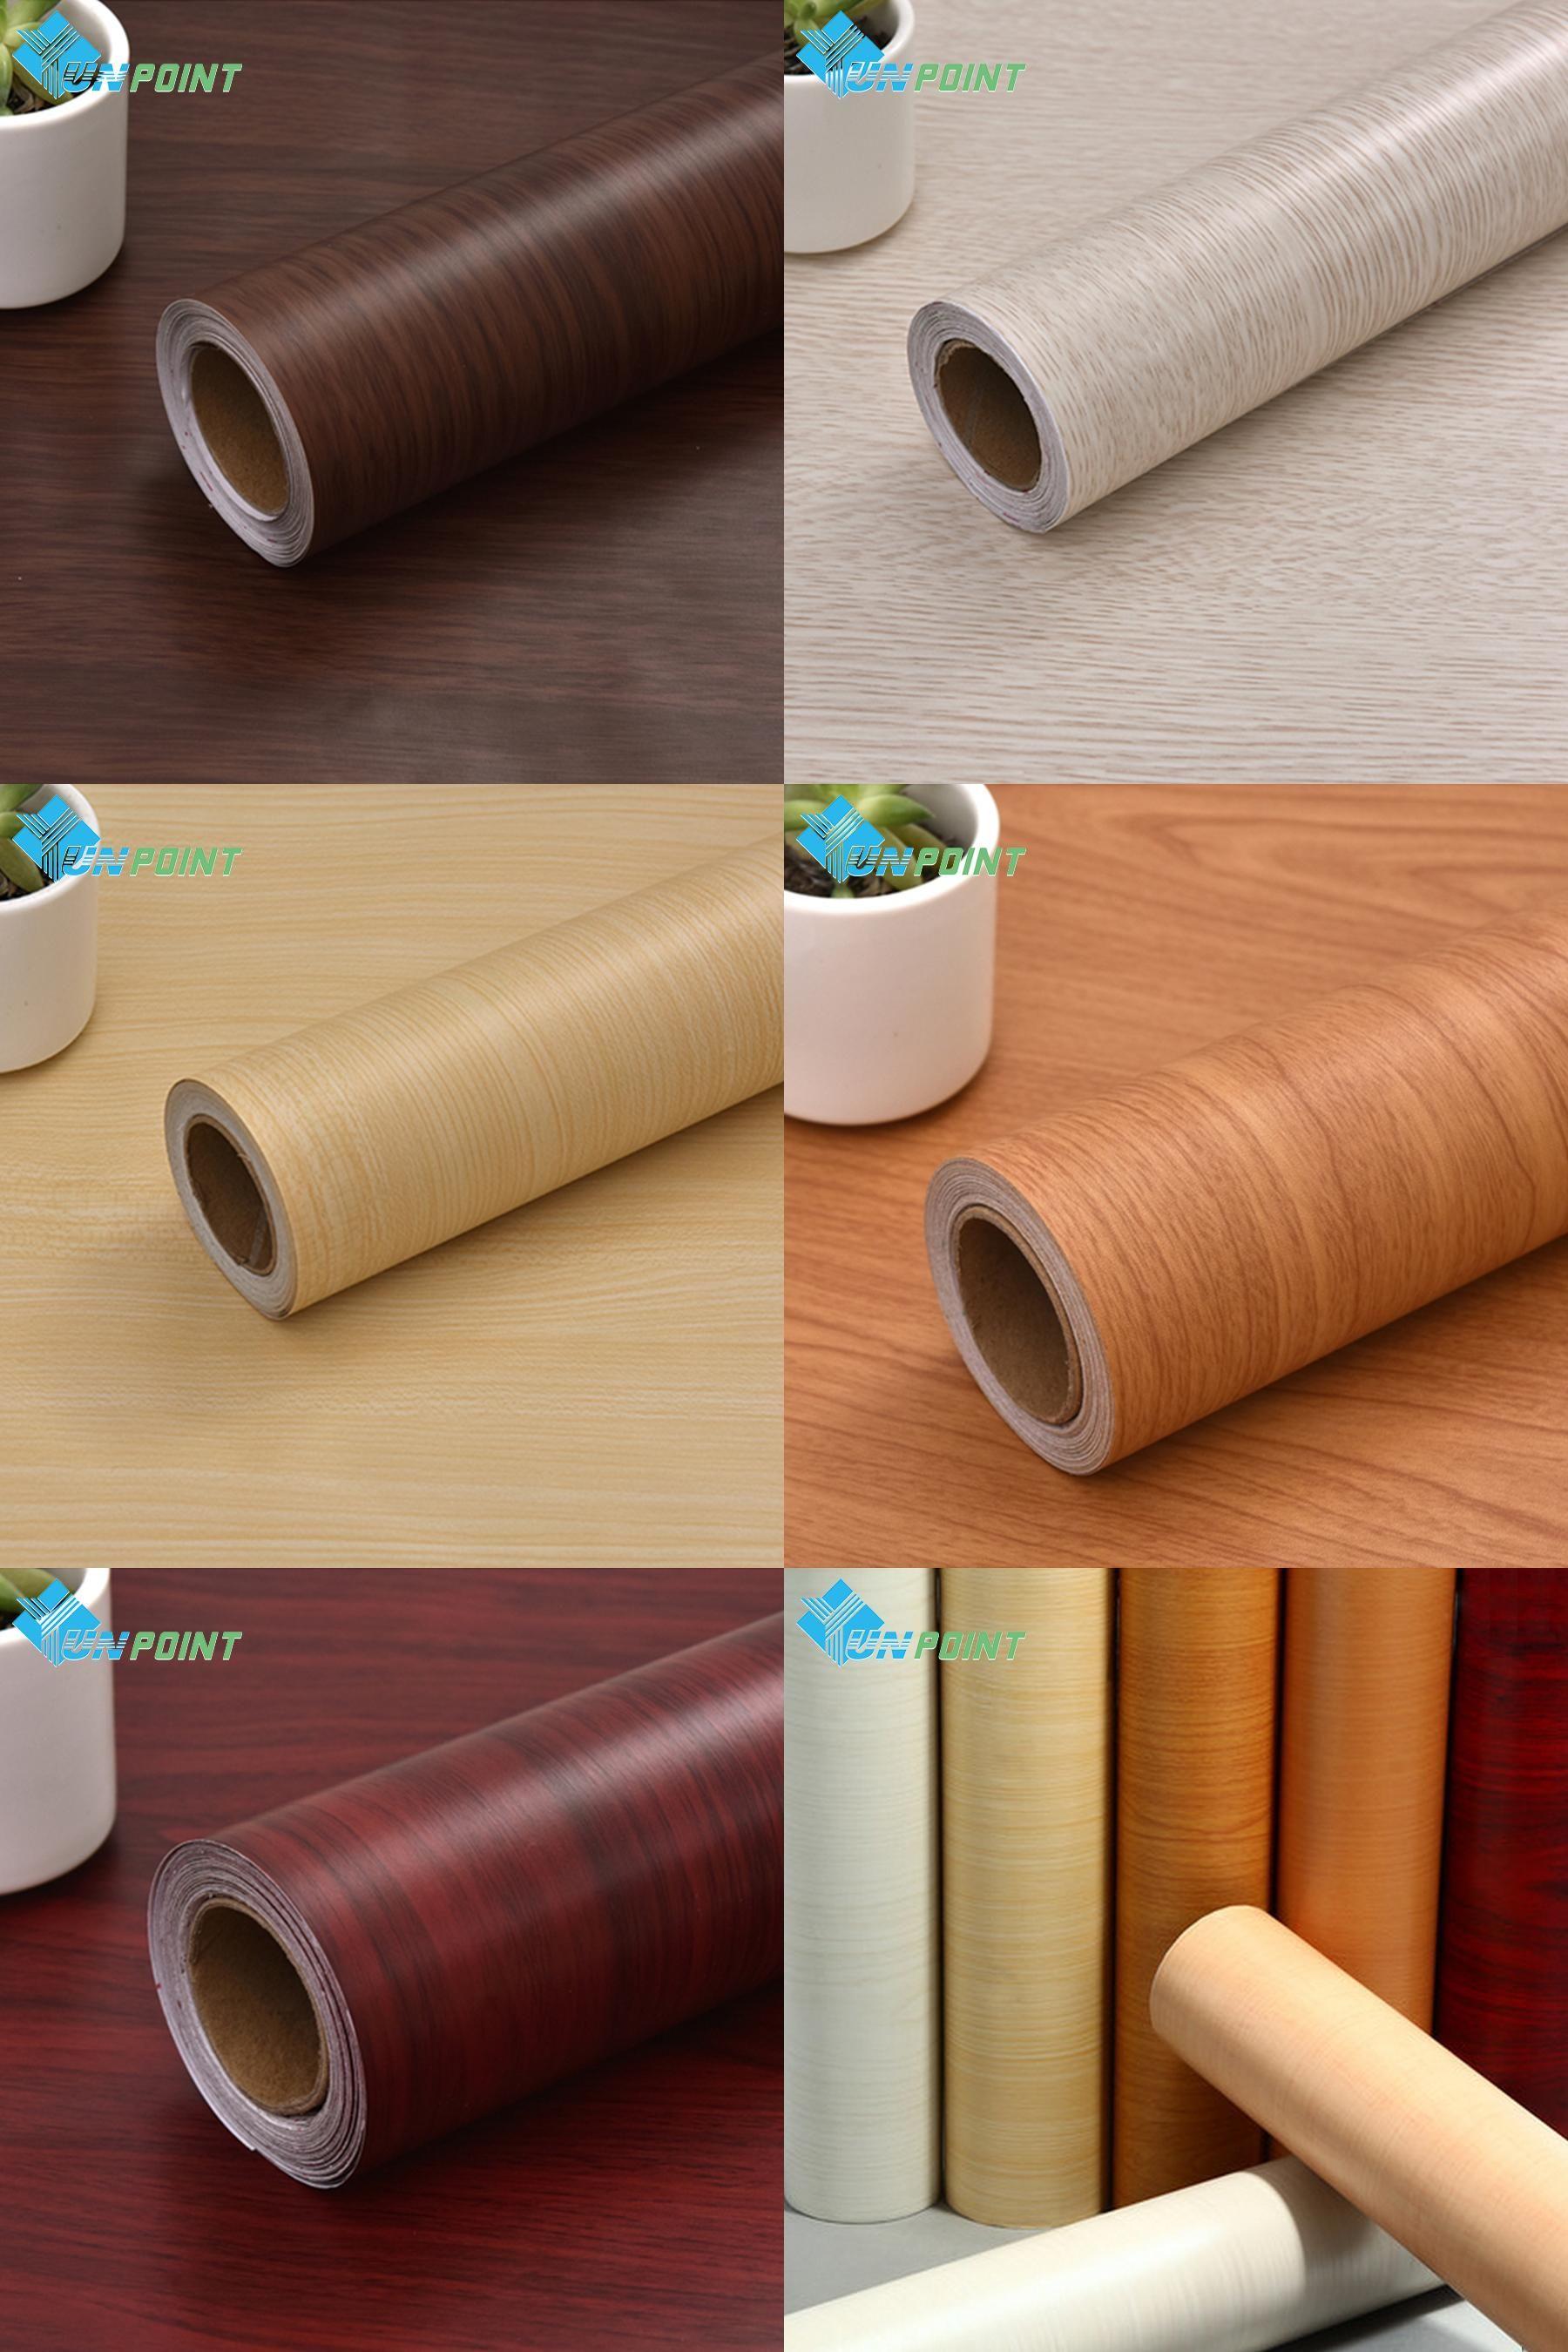 [Visit to Buy] 5M DIY Decorative Film Wood Grain PVC